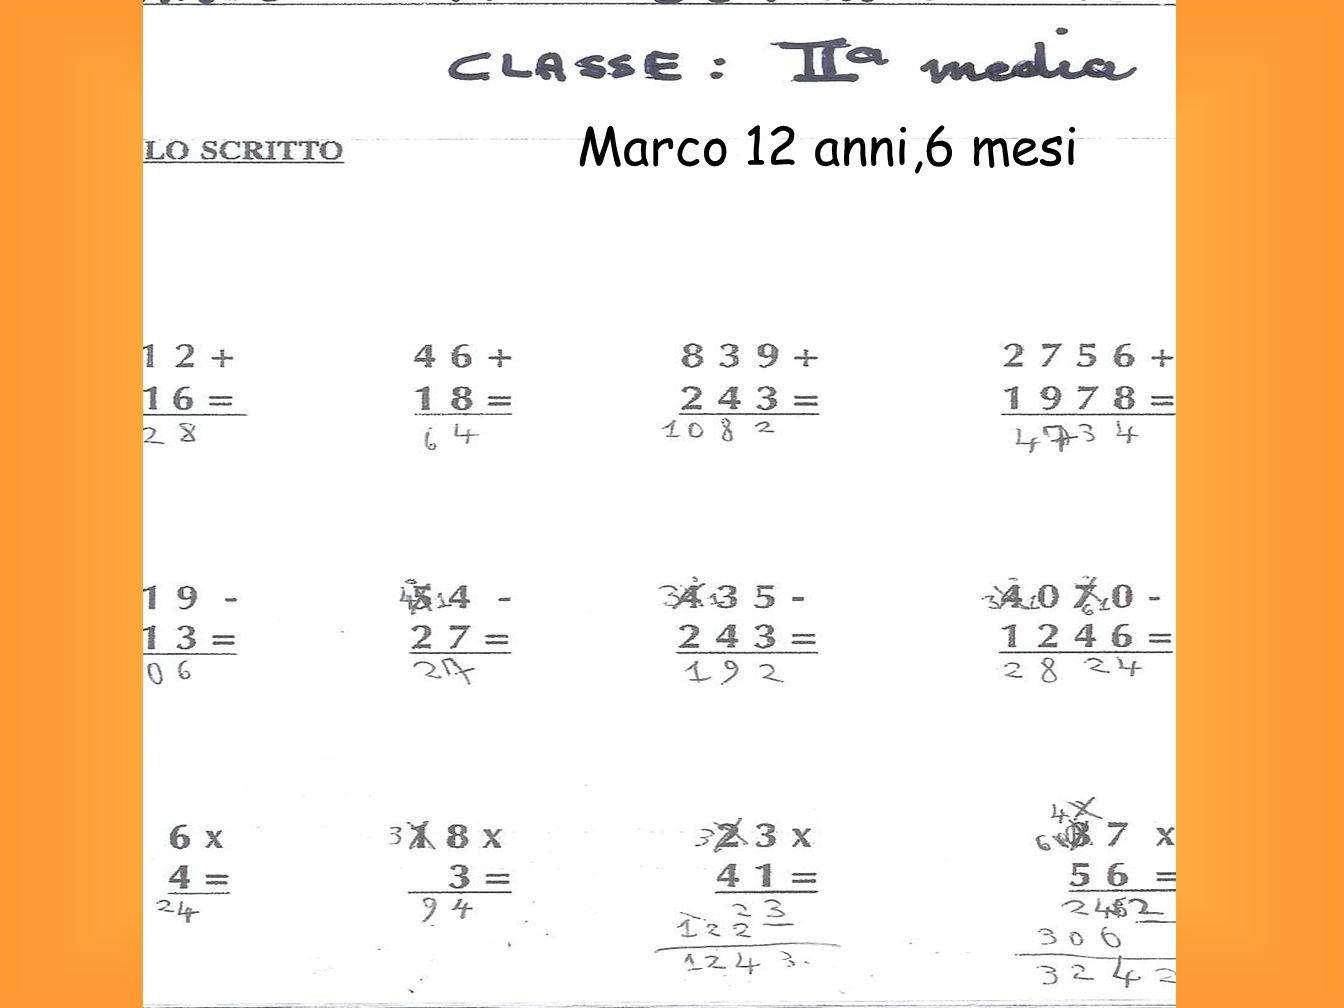 Marco 12 anni,6 mesi Sassuolo - settembre 2006